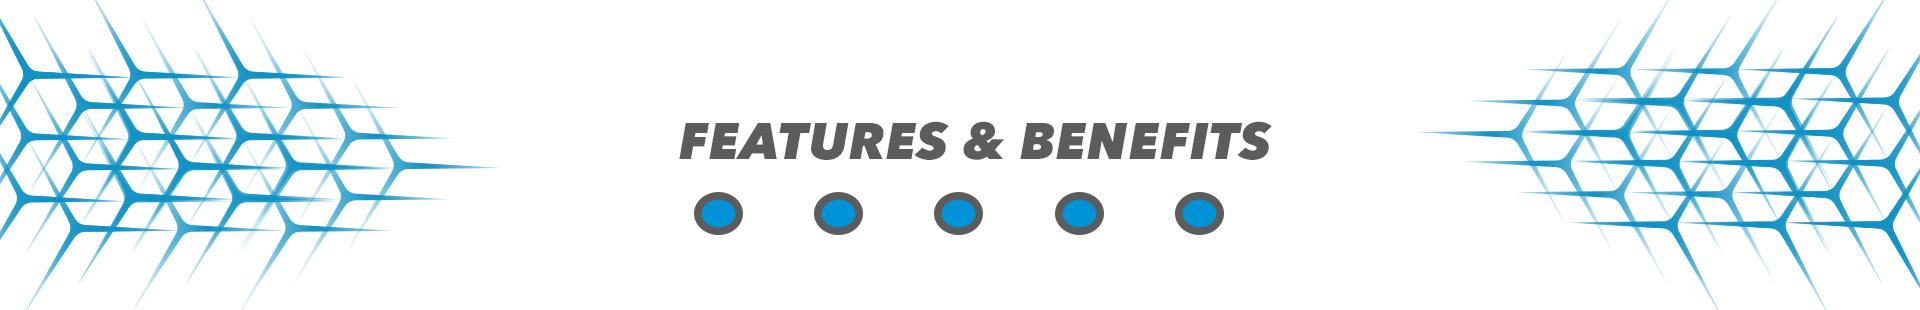 features&benefits